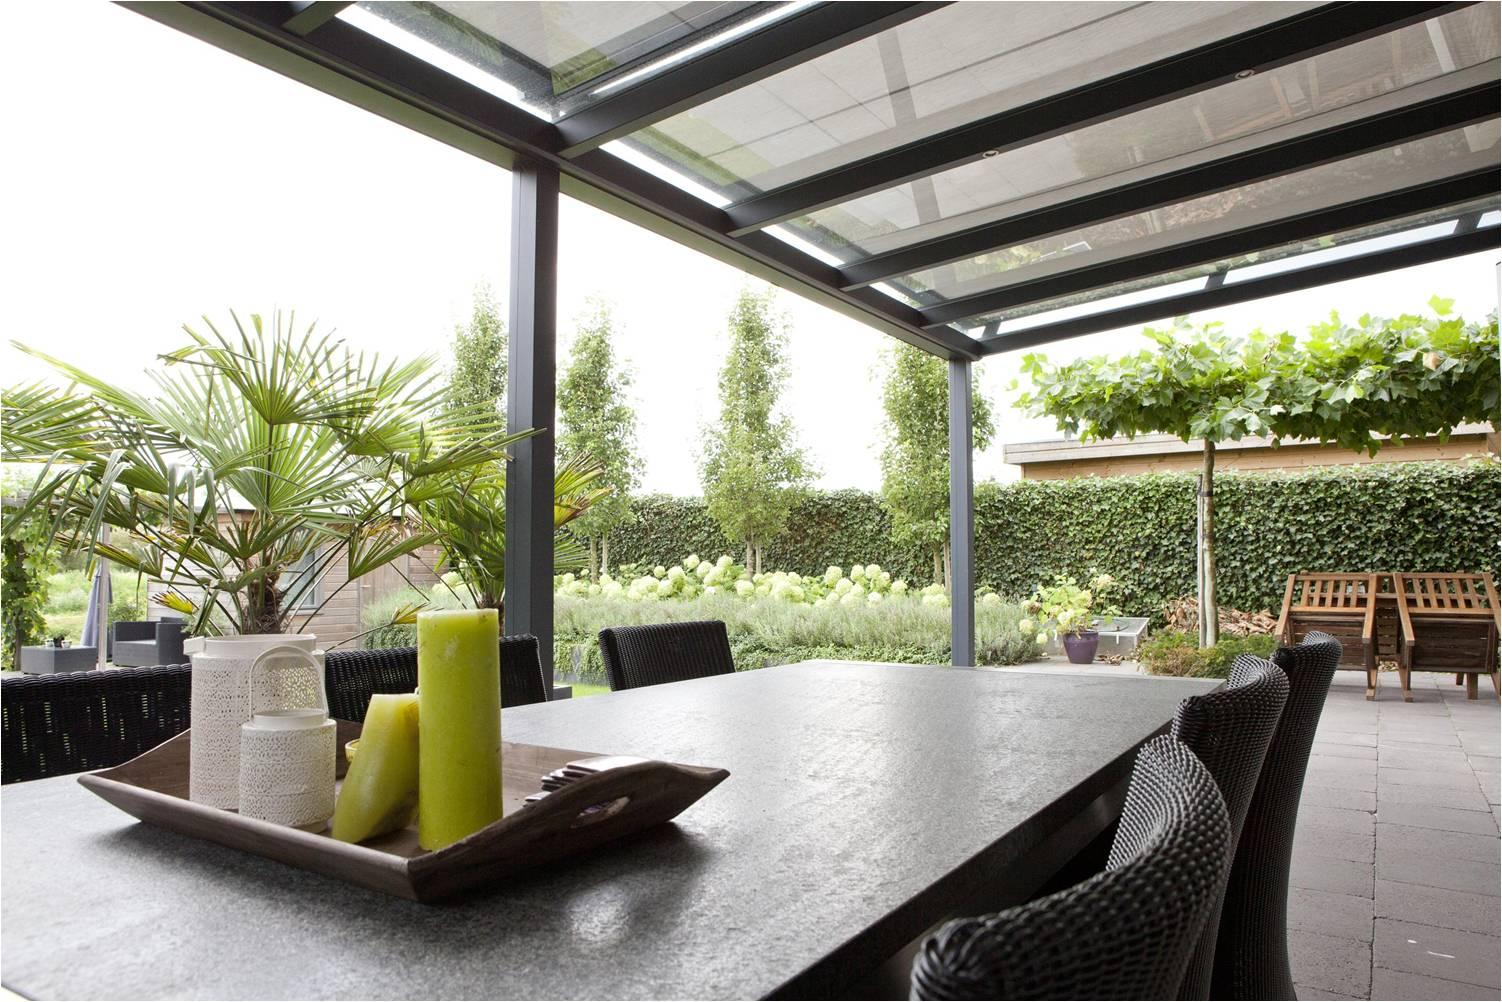 Prachtige terrasoverkapping maak uw tuin klaar voor de zon - Gordijnen voor overdekt terras ...